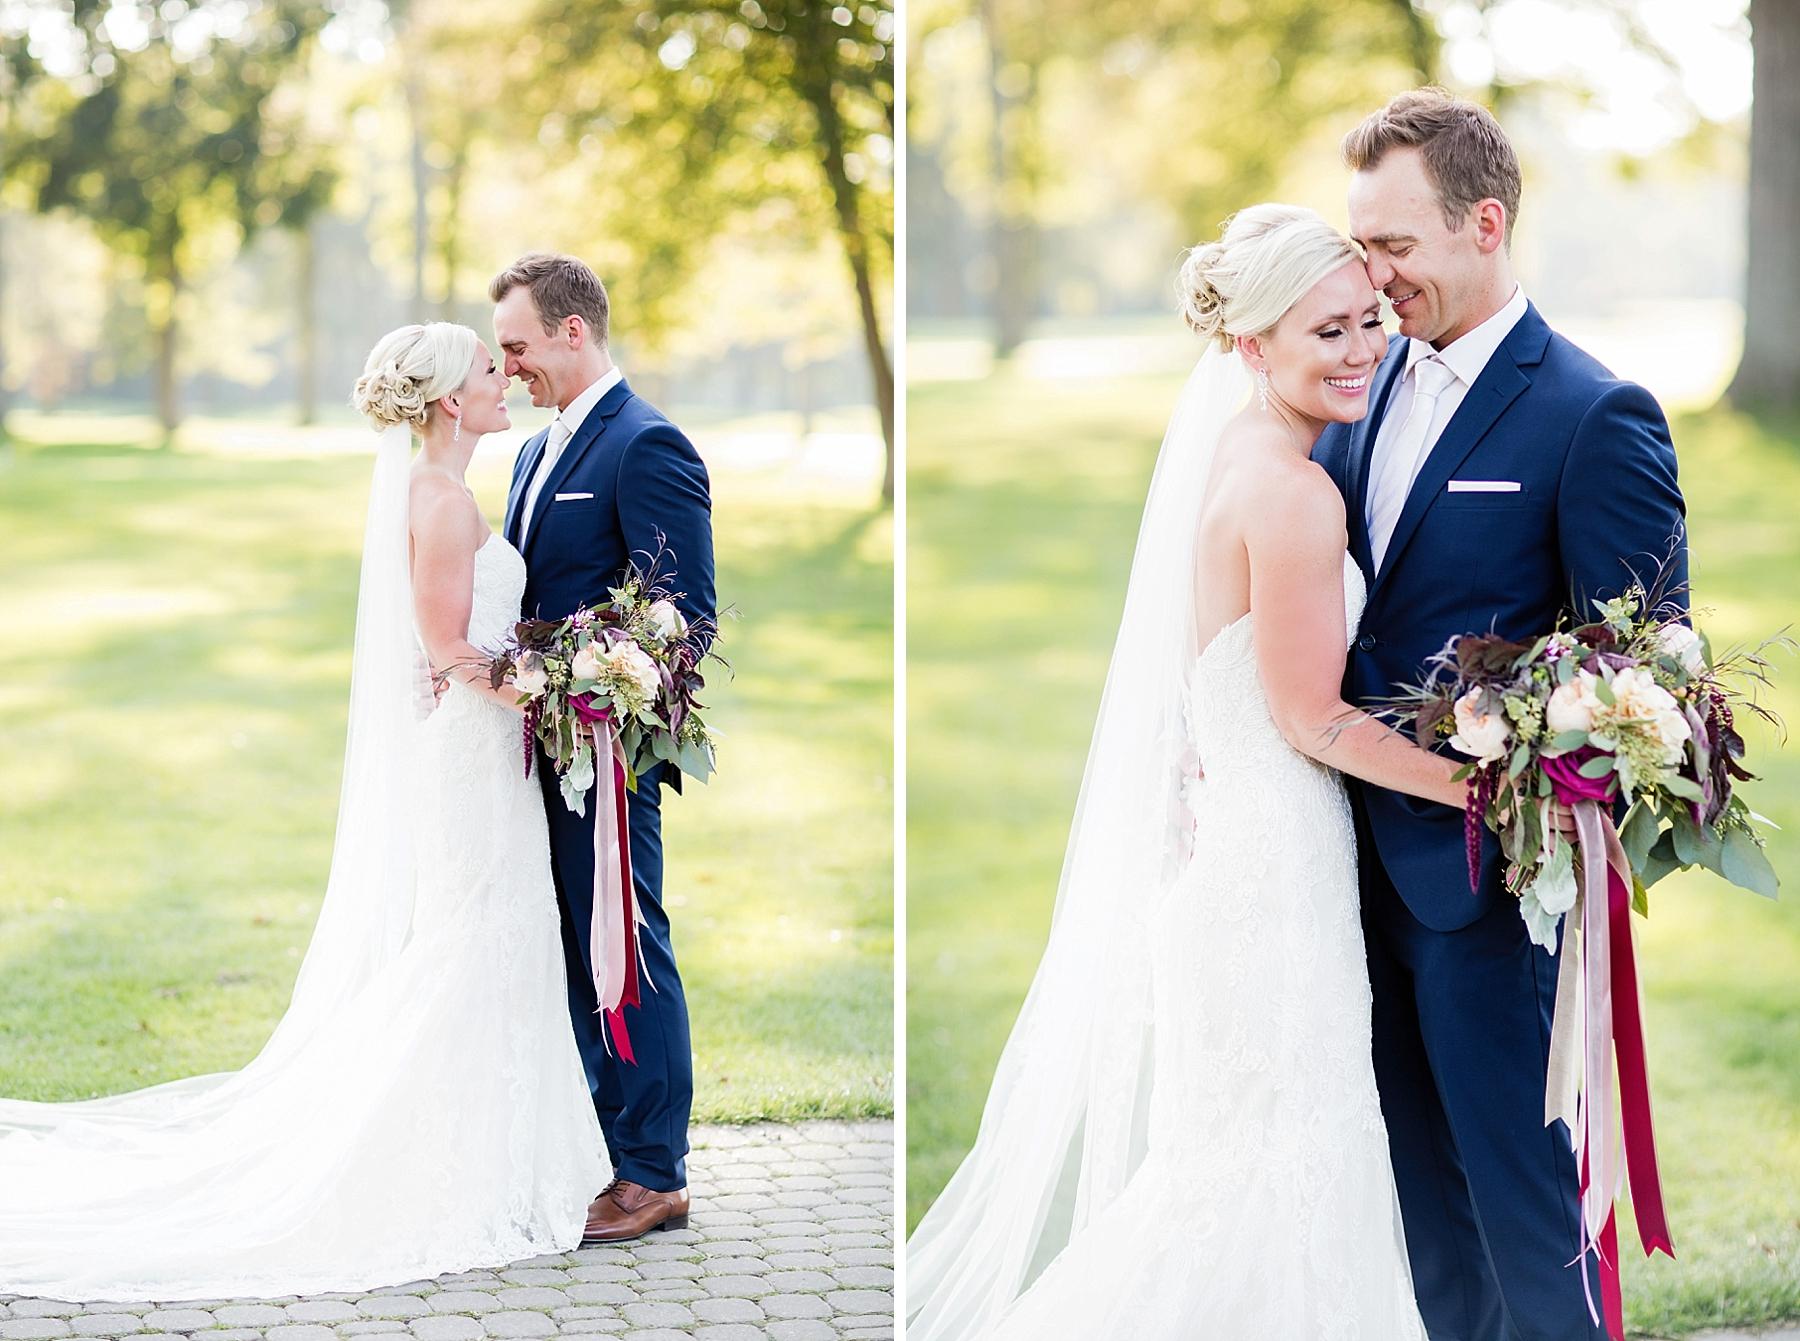 windsor-wedding-photographer-essex-golf-country-club-wedding-eryn-shea-photography_0048.jpg